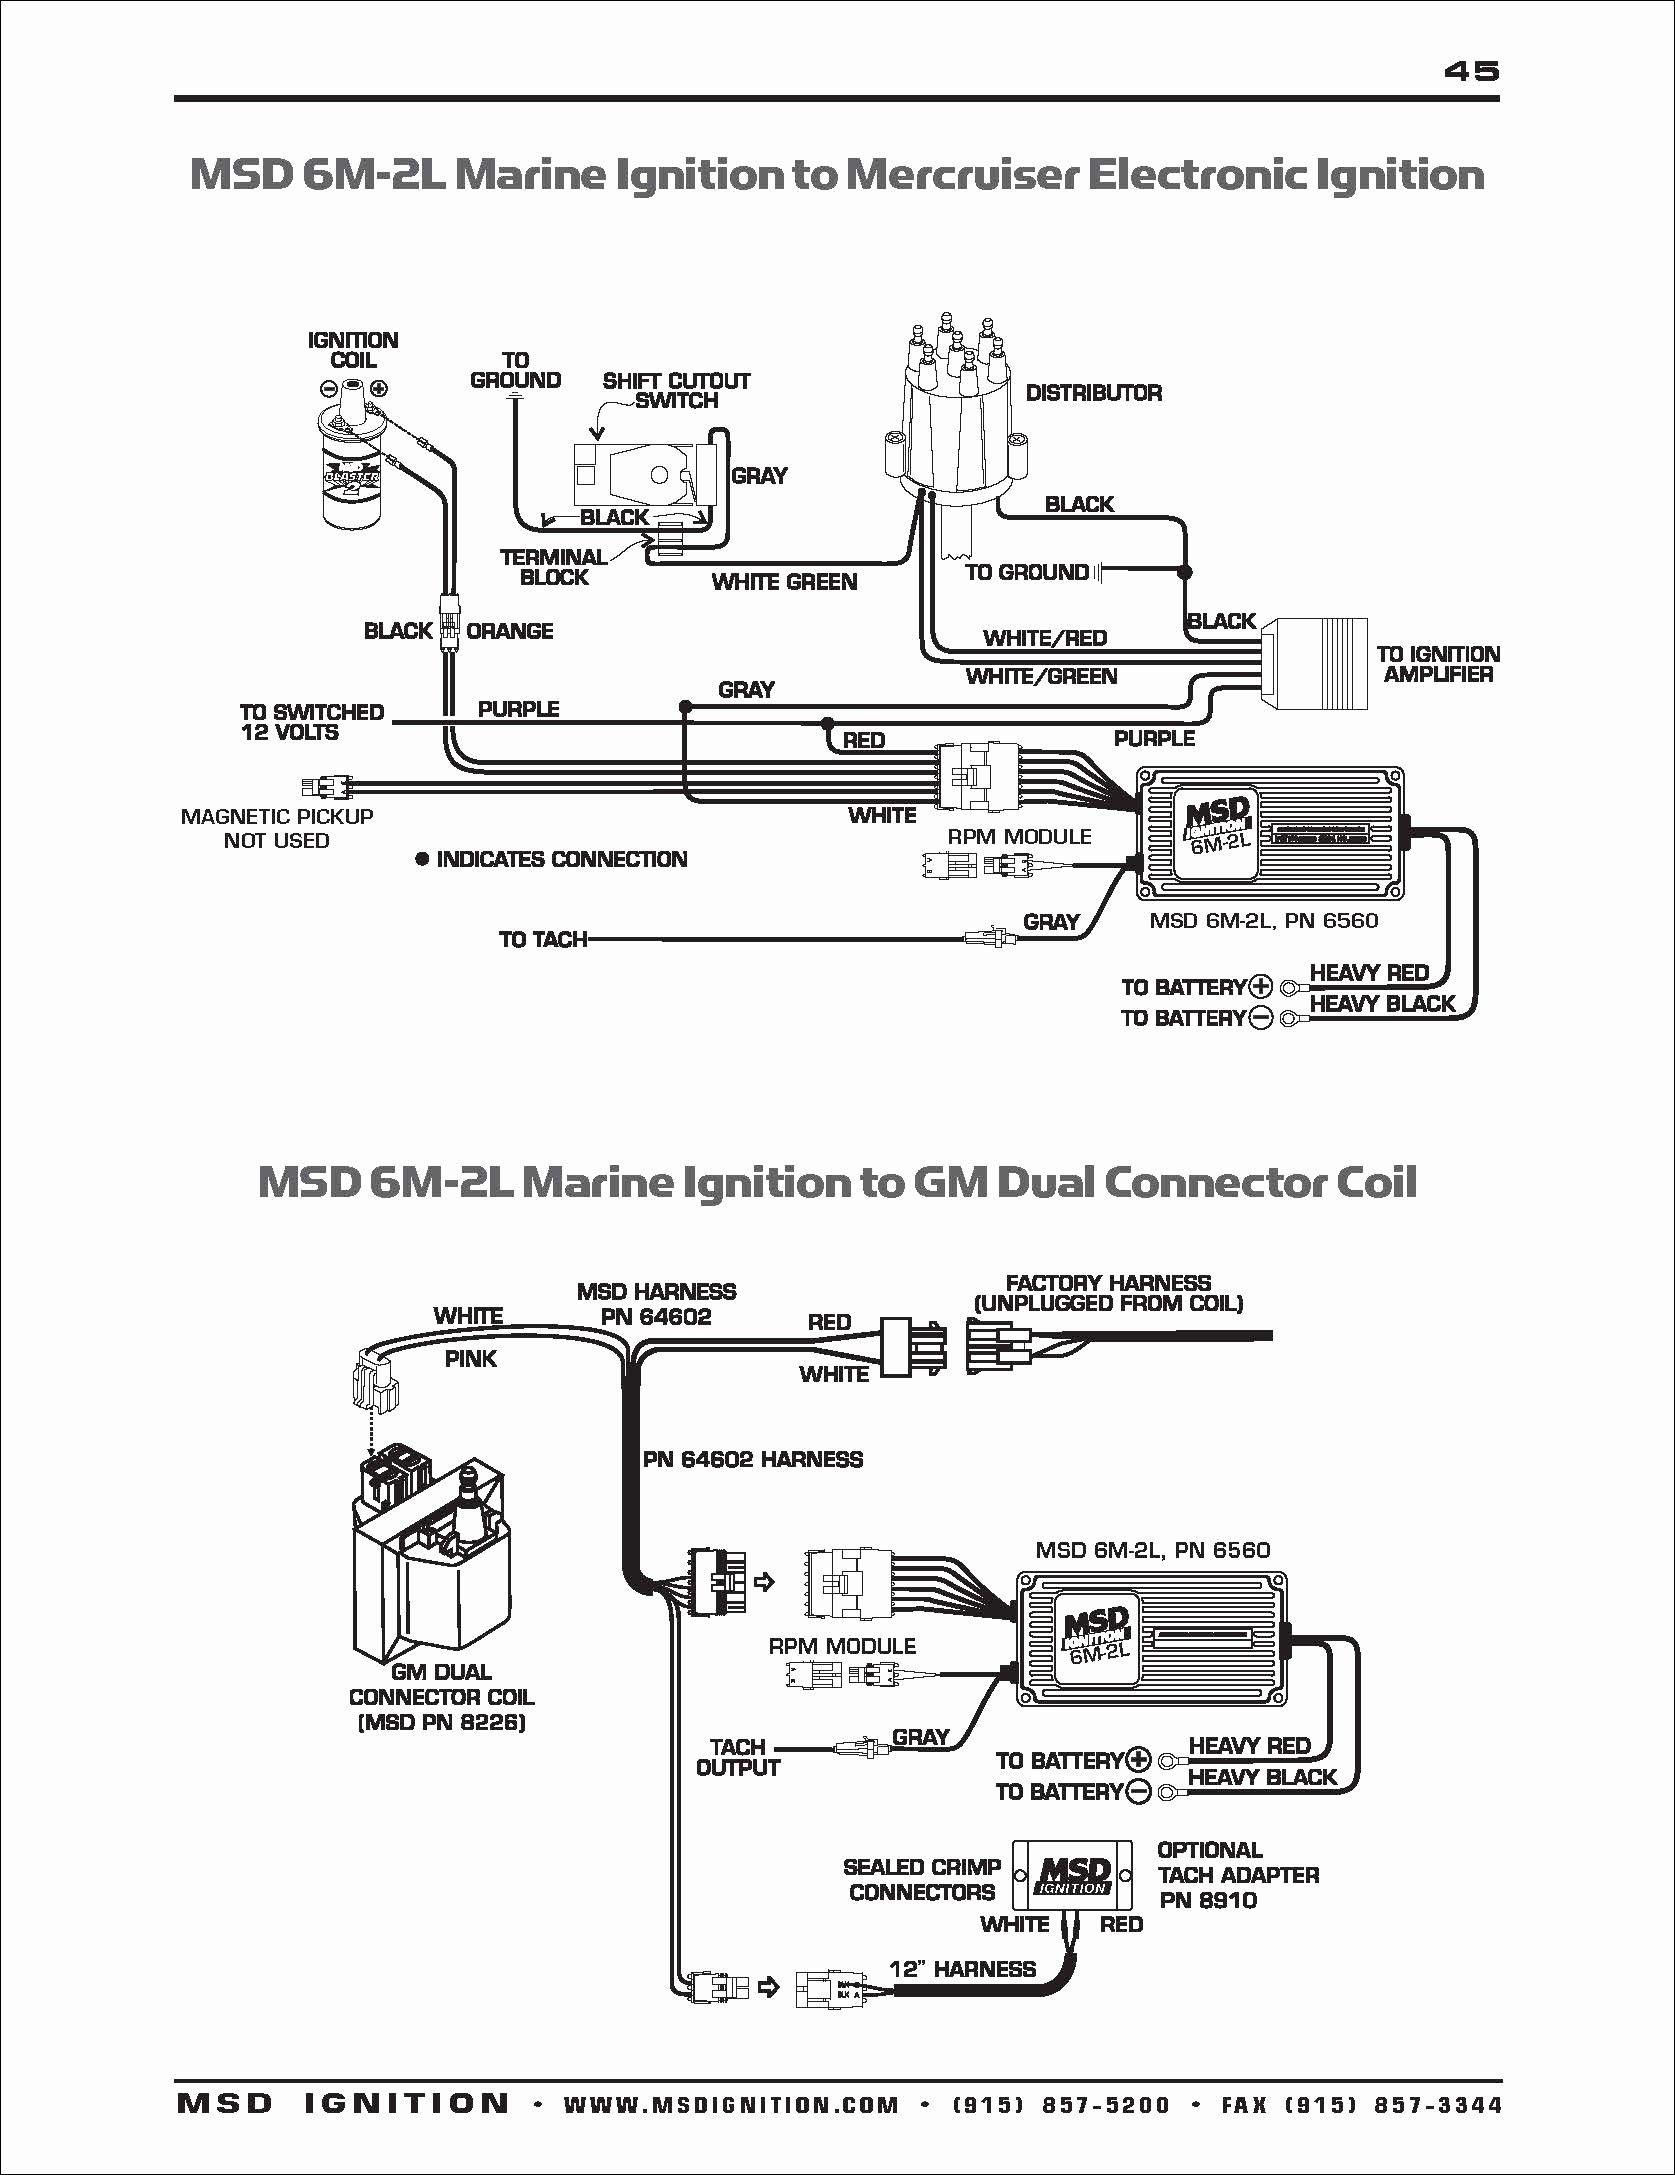 Distributor Wiring Diagram : distributor, wiring, diagram